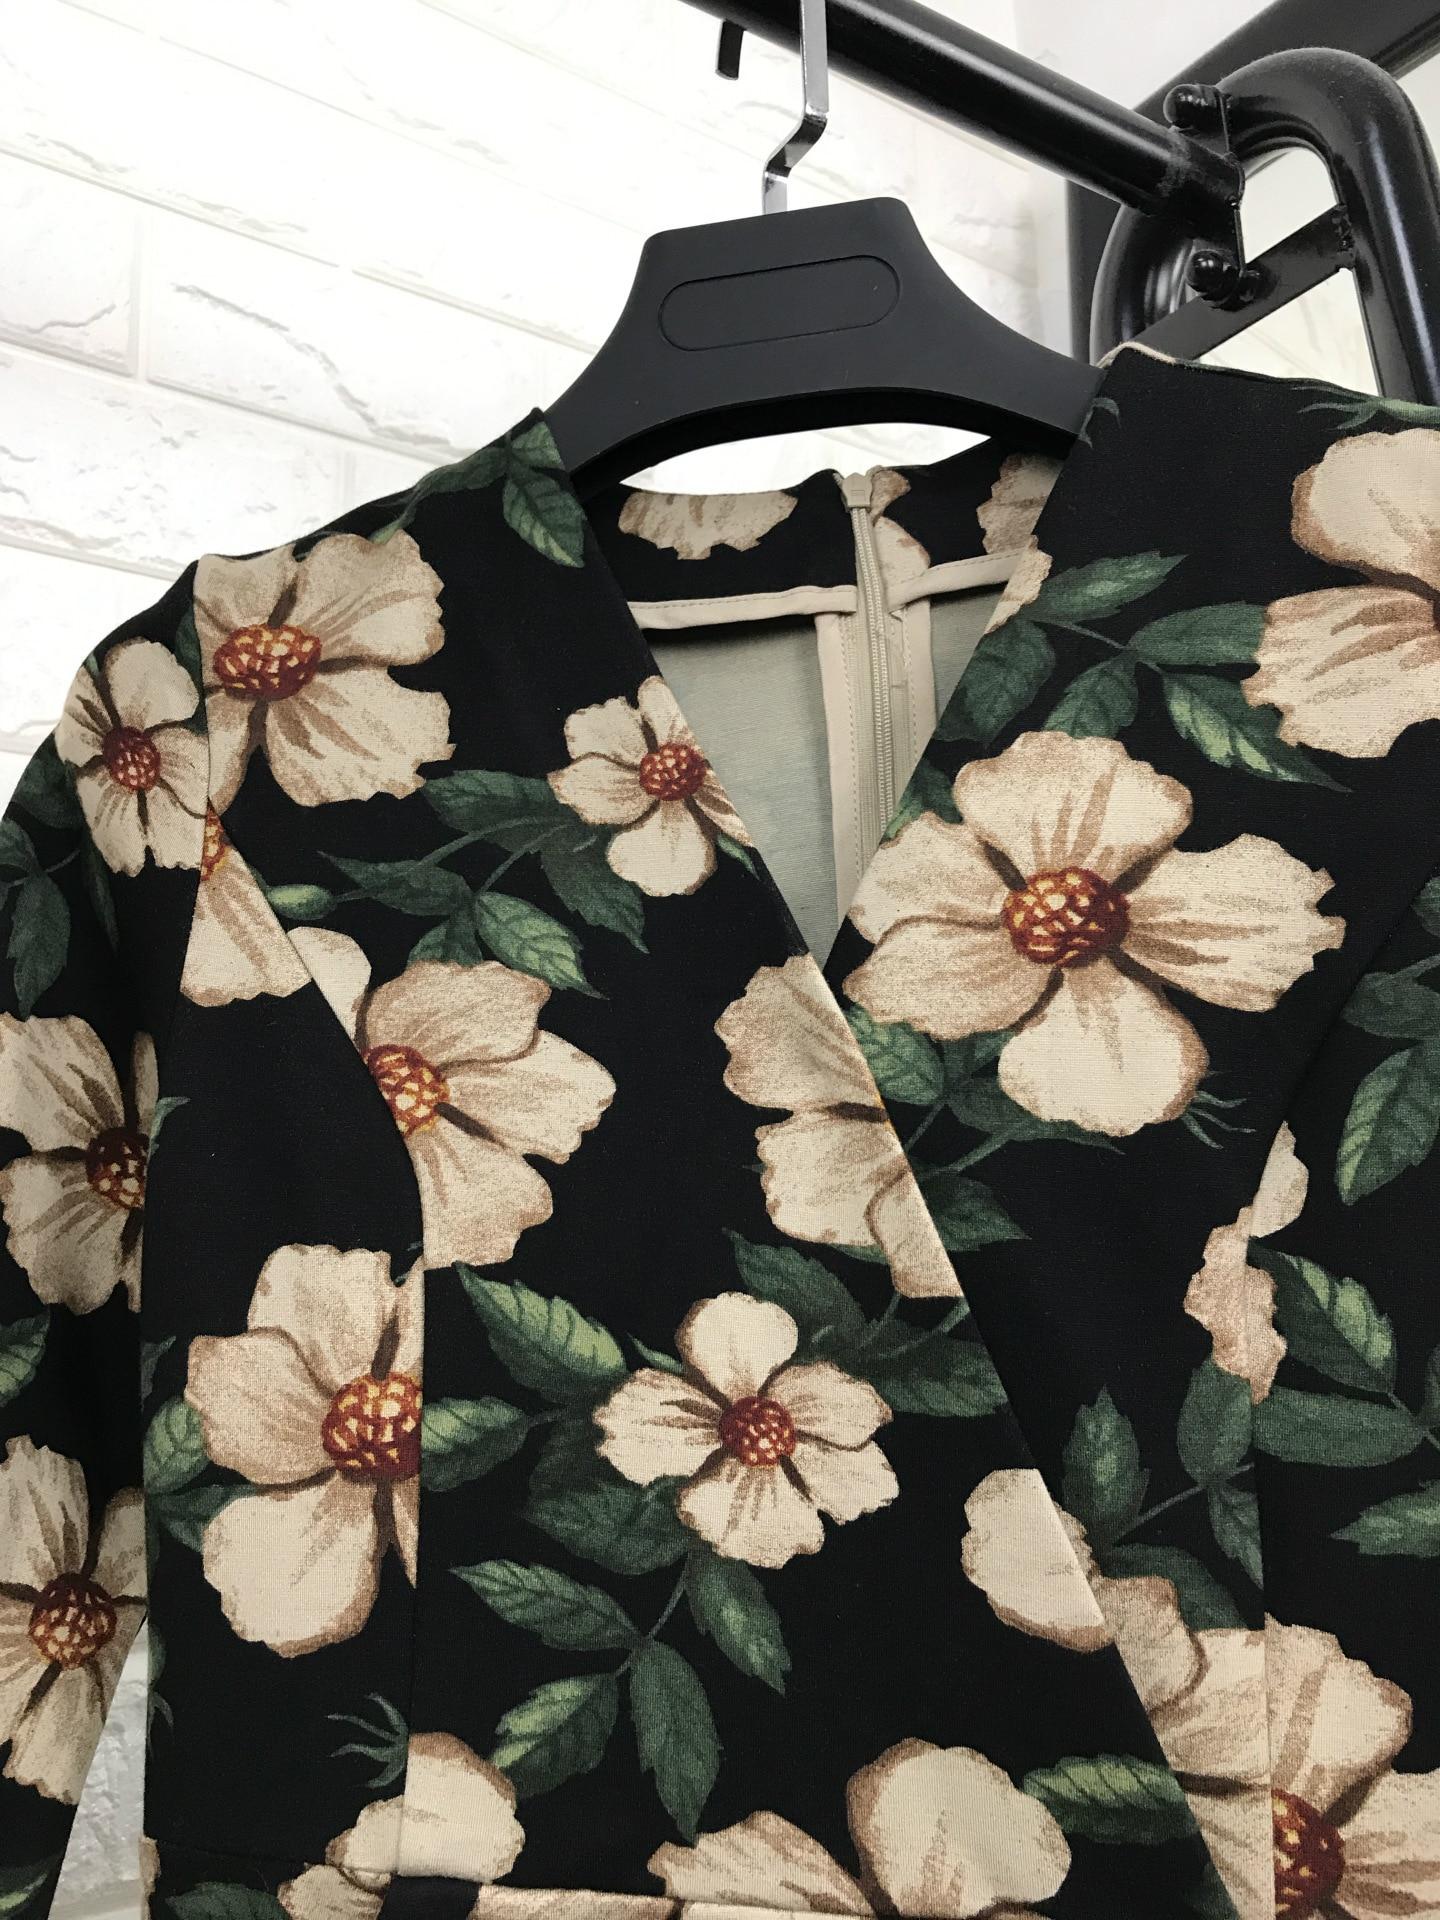 Floral Robes Mode Nouveau Imprimer Manches Vintage Casual Femmes Motif Robe V 2017 En Demi Automne Élégant Col Hiver r0q48T0w